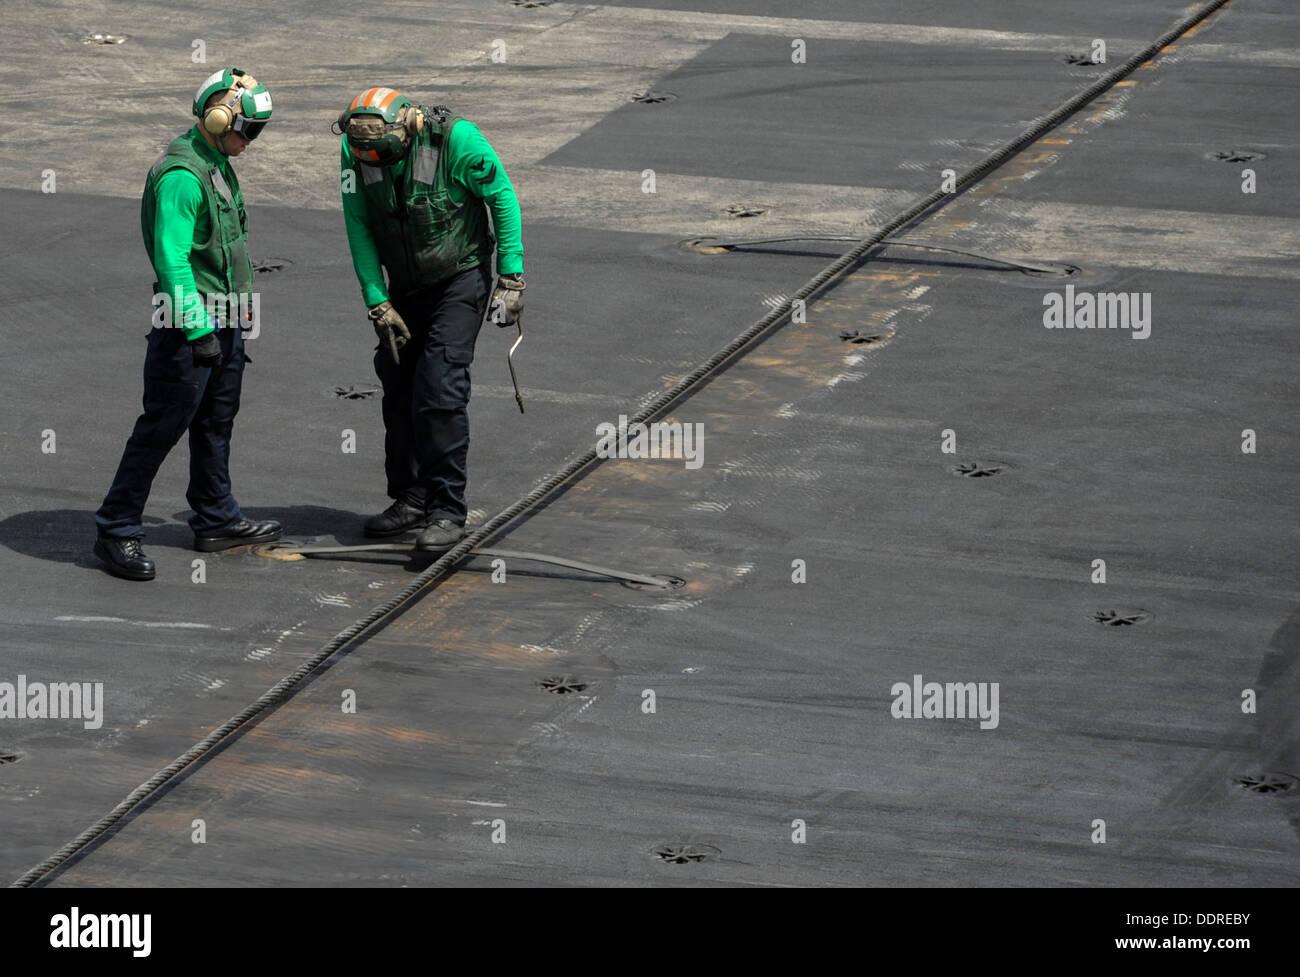 albatrose anchorage essay Cism02 unit 8  topics: inventory  essay about mt435 unit 8 assignment  mt435 unit 8 albatrose anchorage research paper.